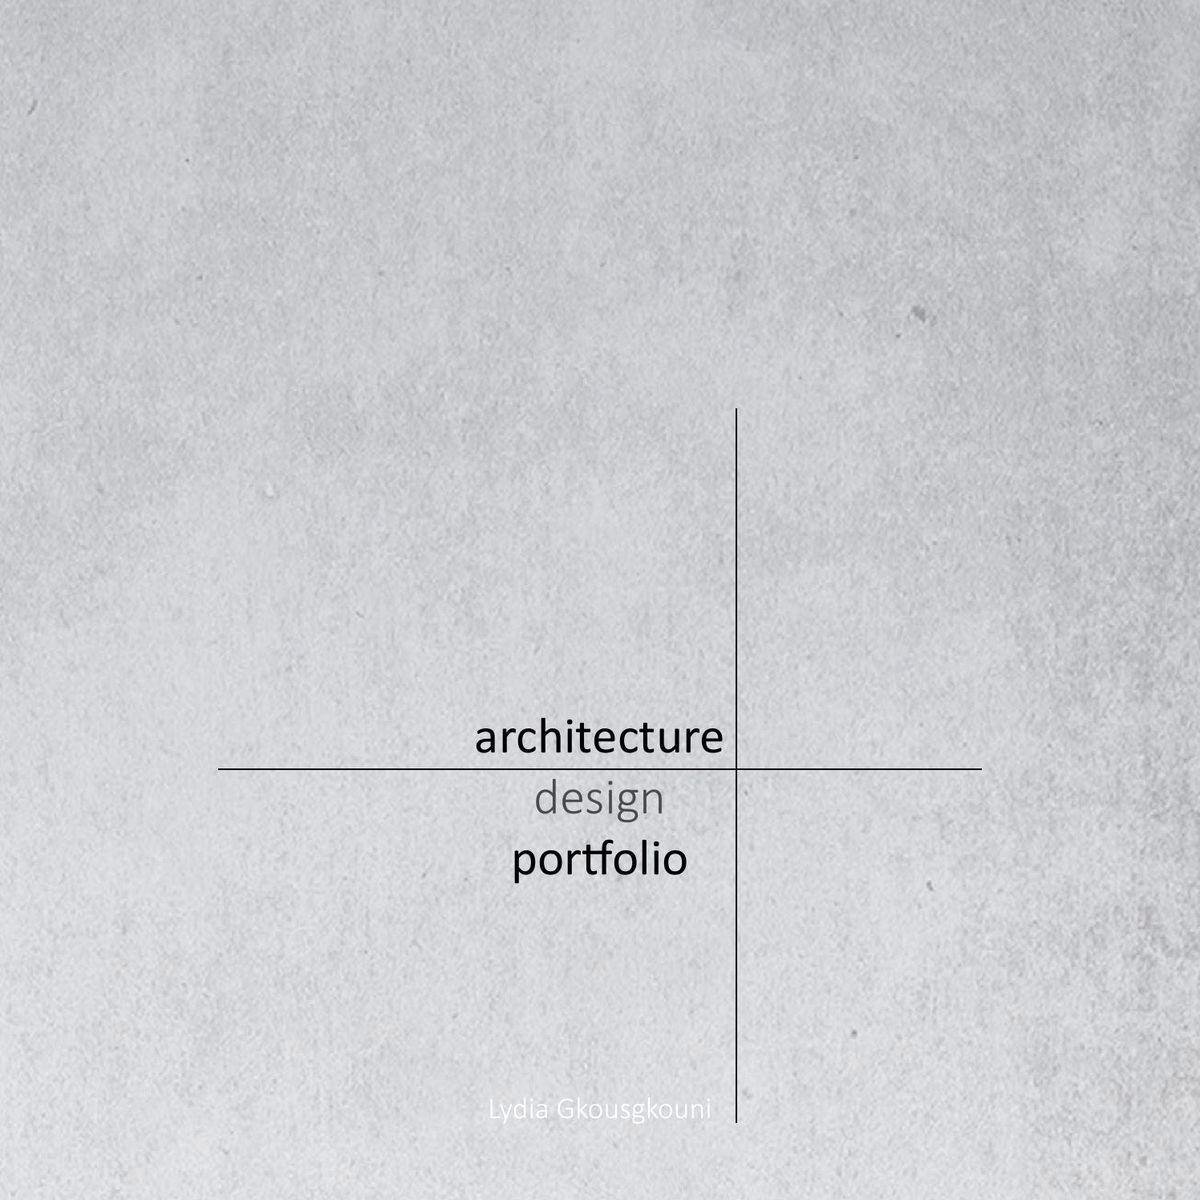 Lydia gkousgkouni architecture portfolio graphic for Portfolio architektur